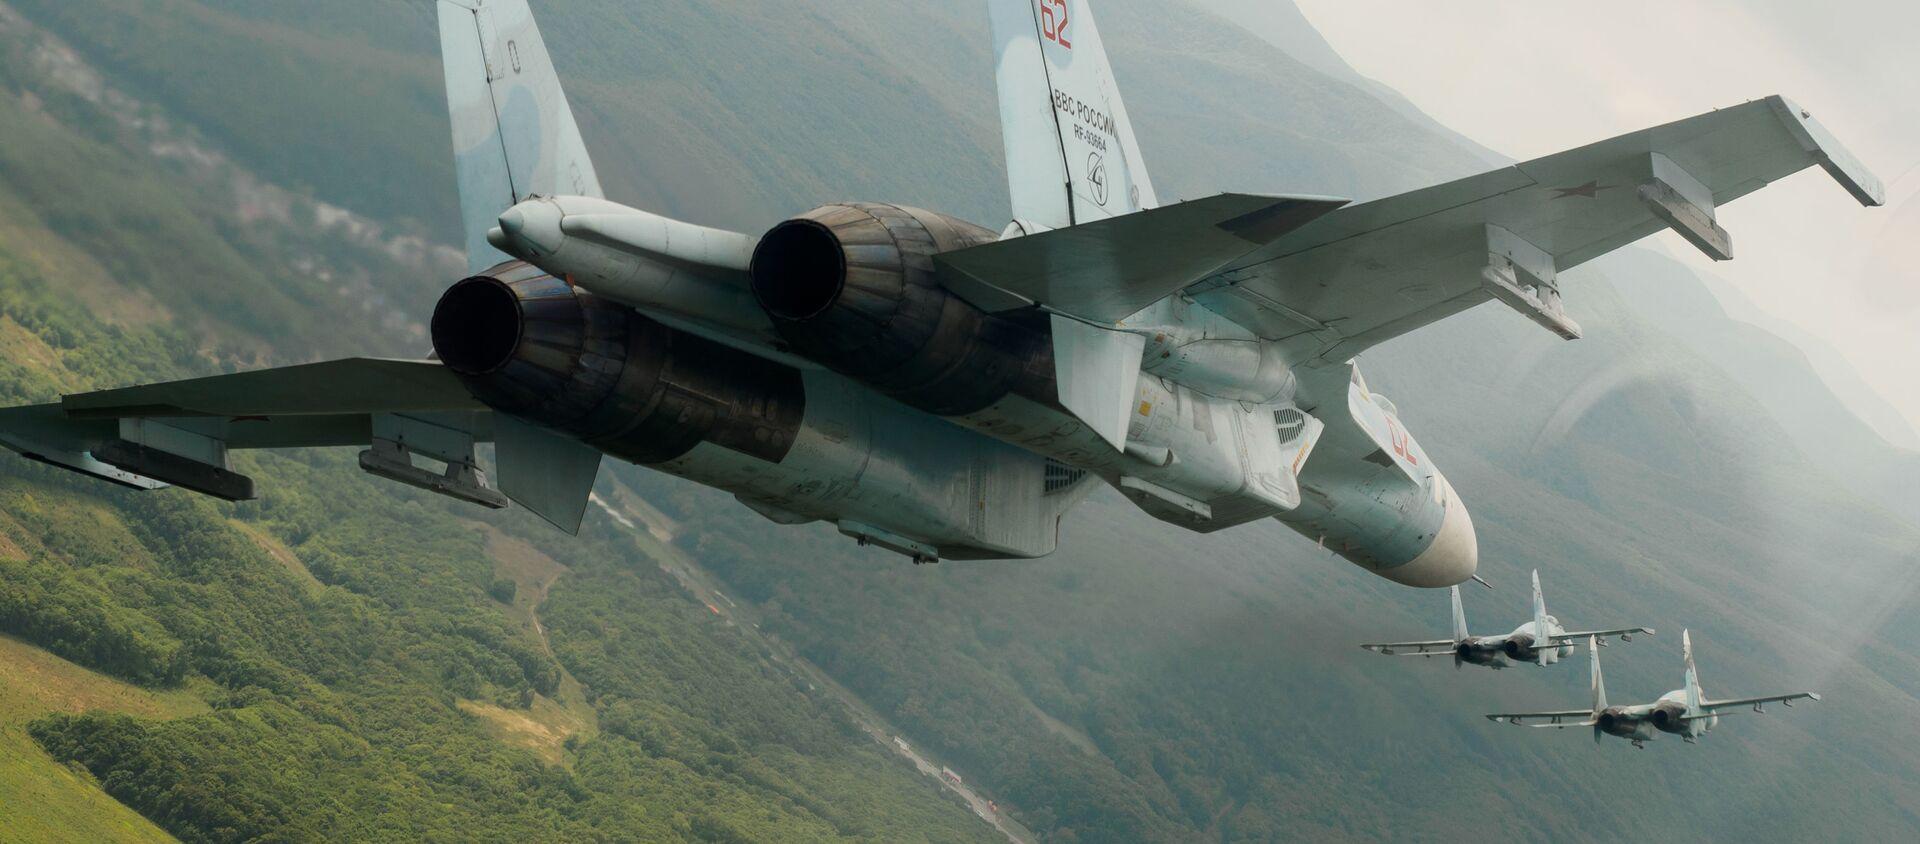 Máy bay chiến đấu đa năng Su-27 của Nga trong chuyến bay trình diễn tại trung đoàn hàng không của Quân khu Đông Nam vinh danh kỷ niệm 105 năm Ngày Không quân Nga - Sputnik Việt Nam, 1920, 12.03.2021